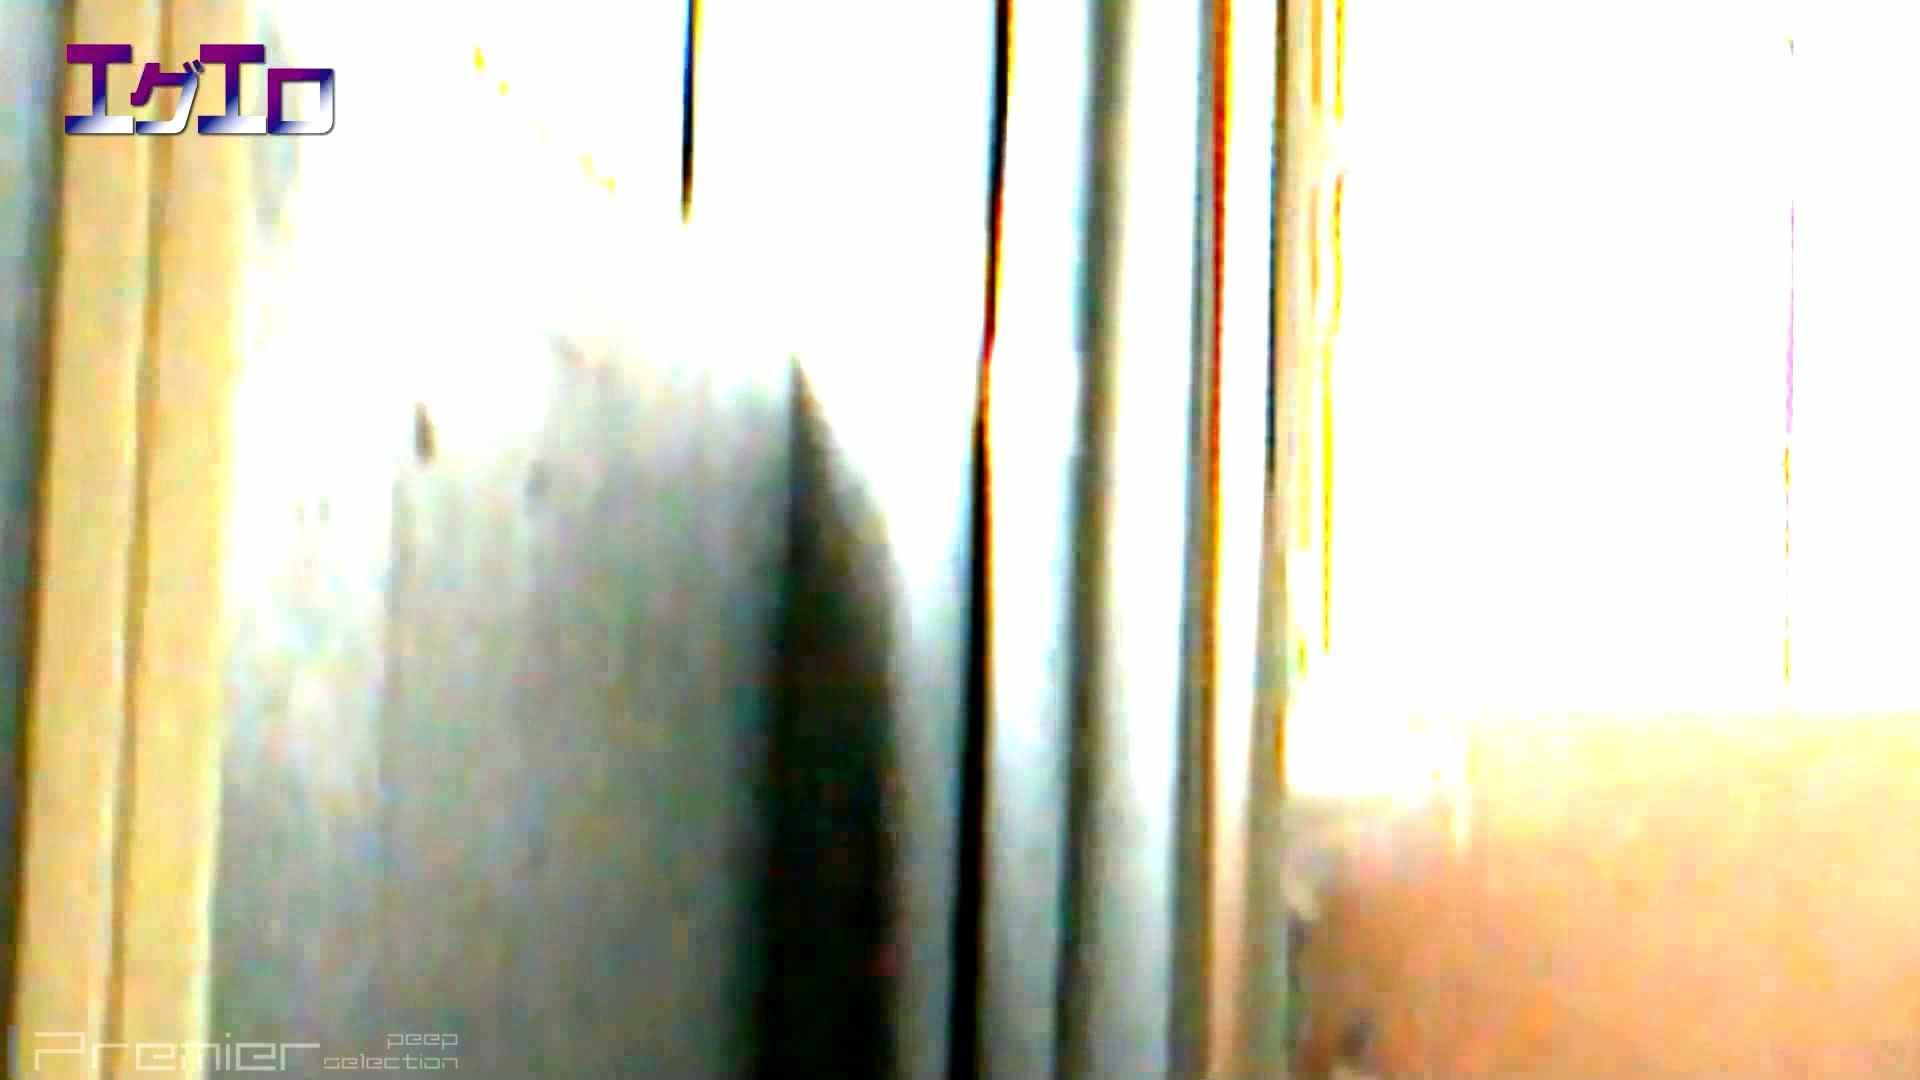 至近距離洗面所 Vol.08 OLの実態 | 洗面所  44pic 17